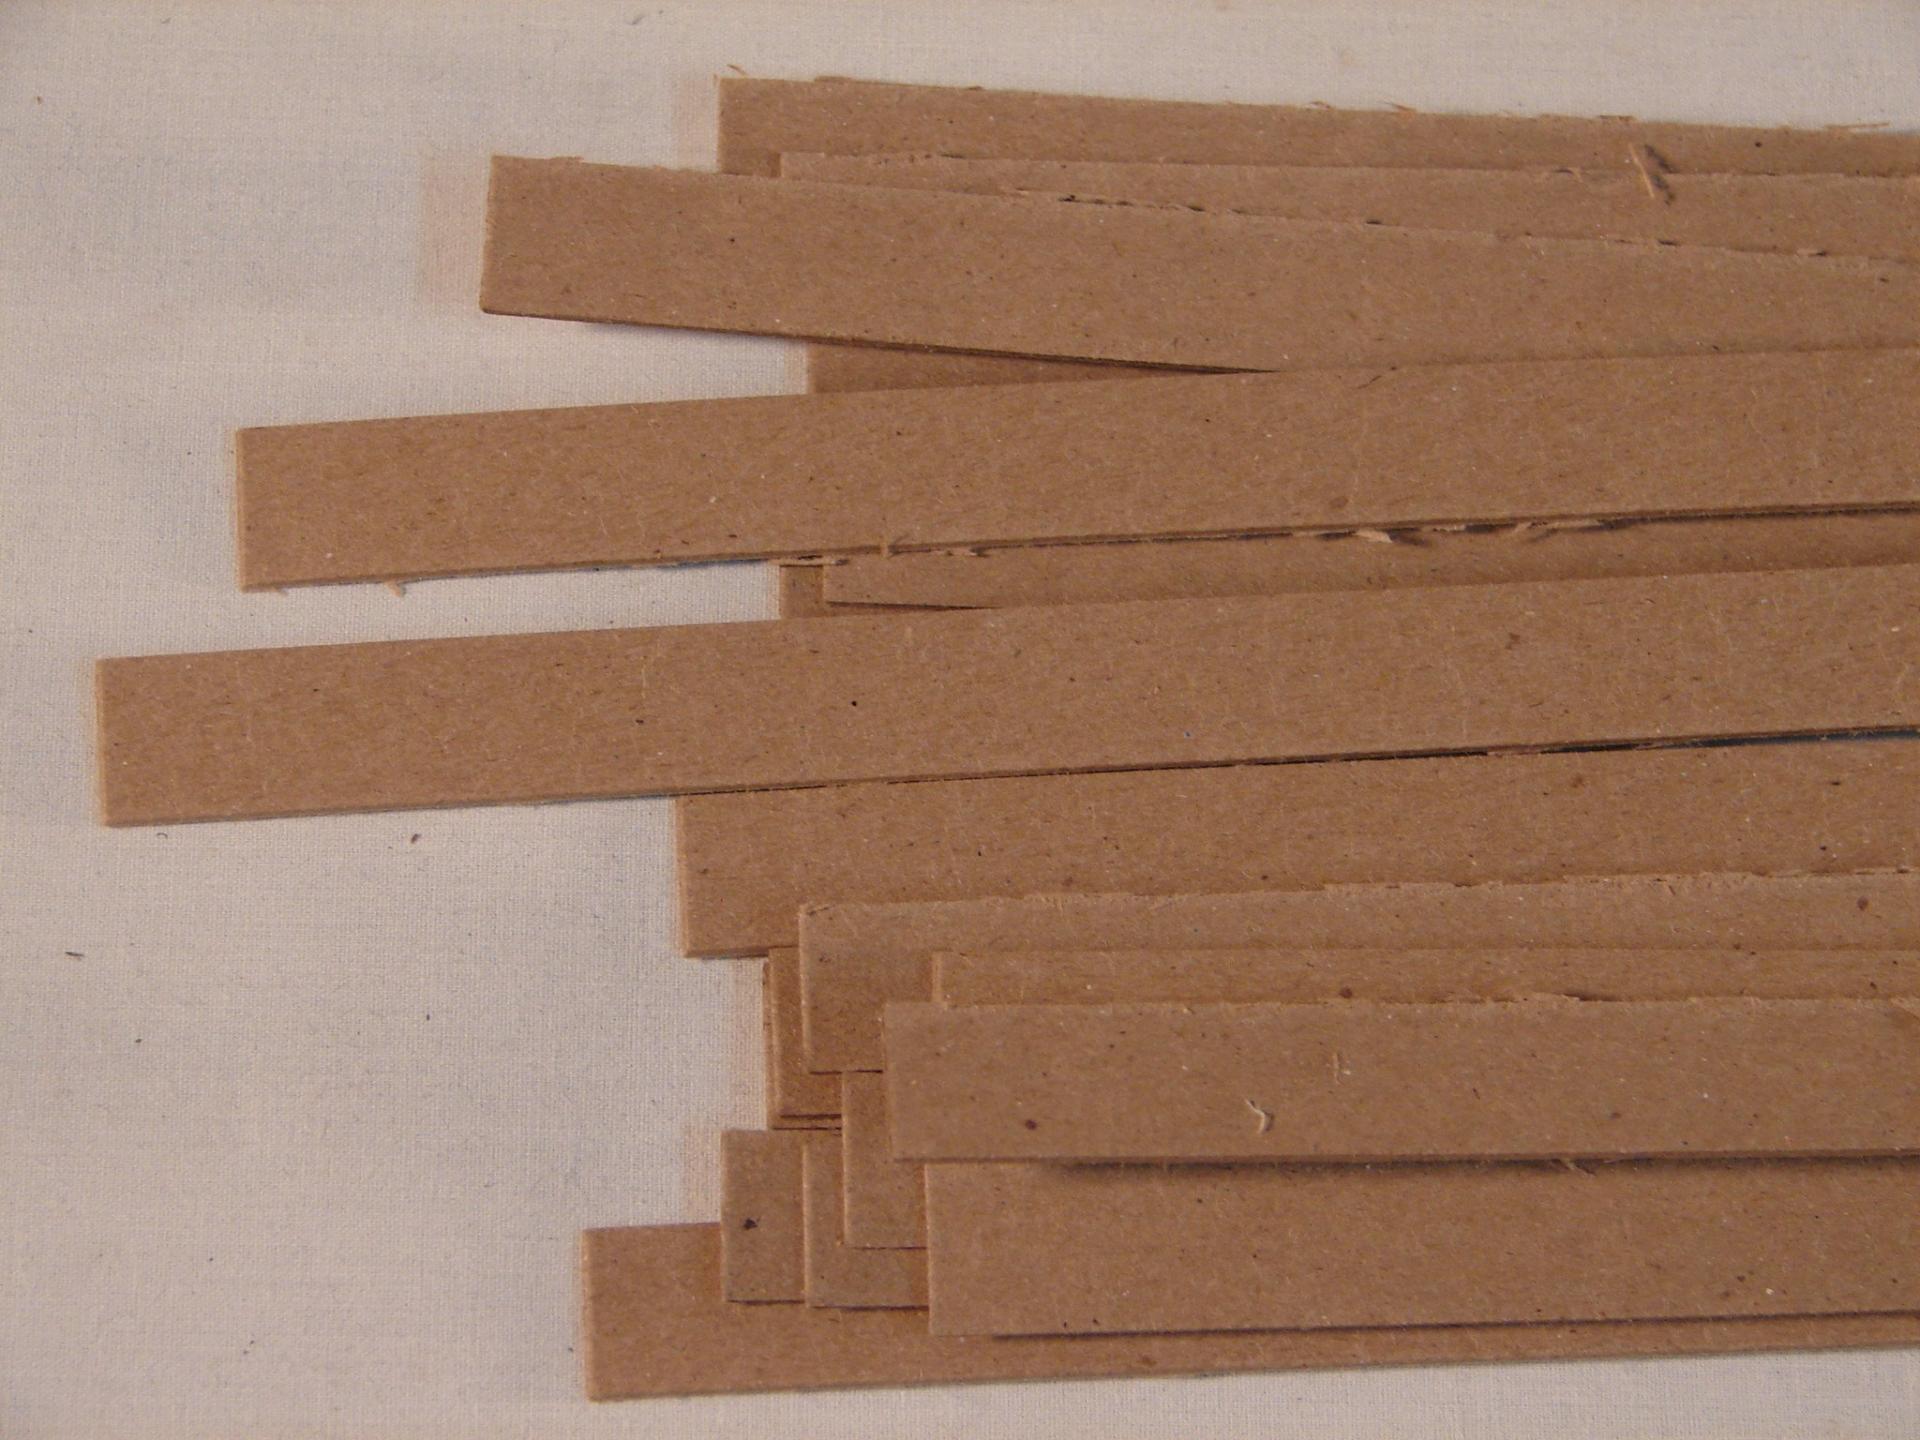 Rastreles de madera a pared